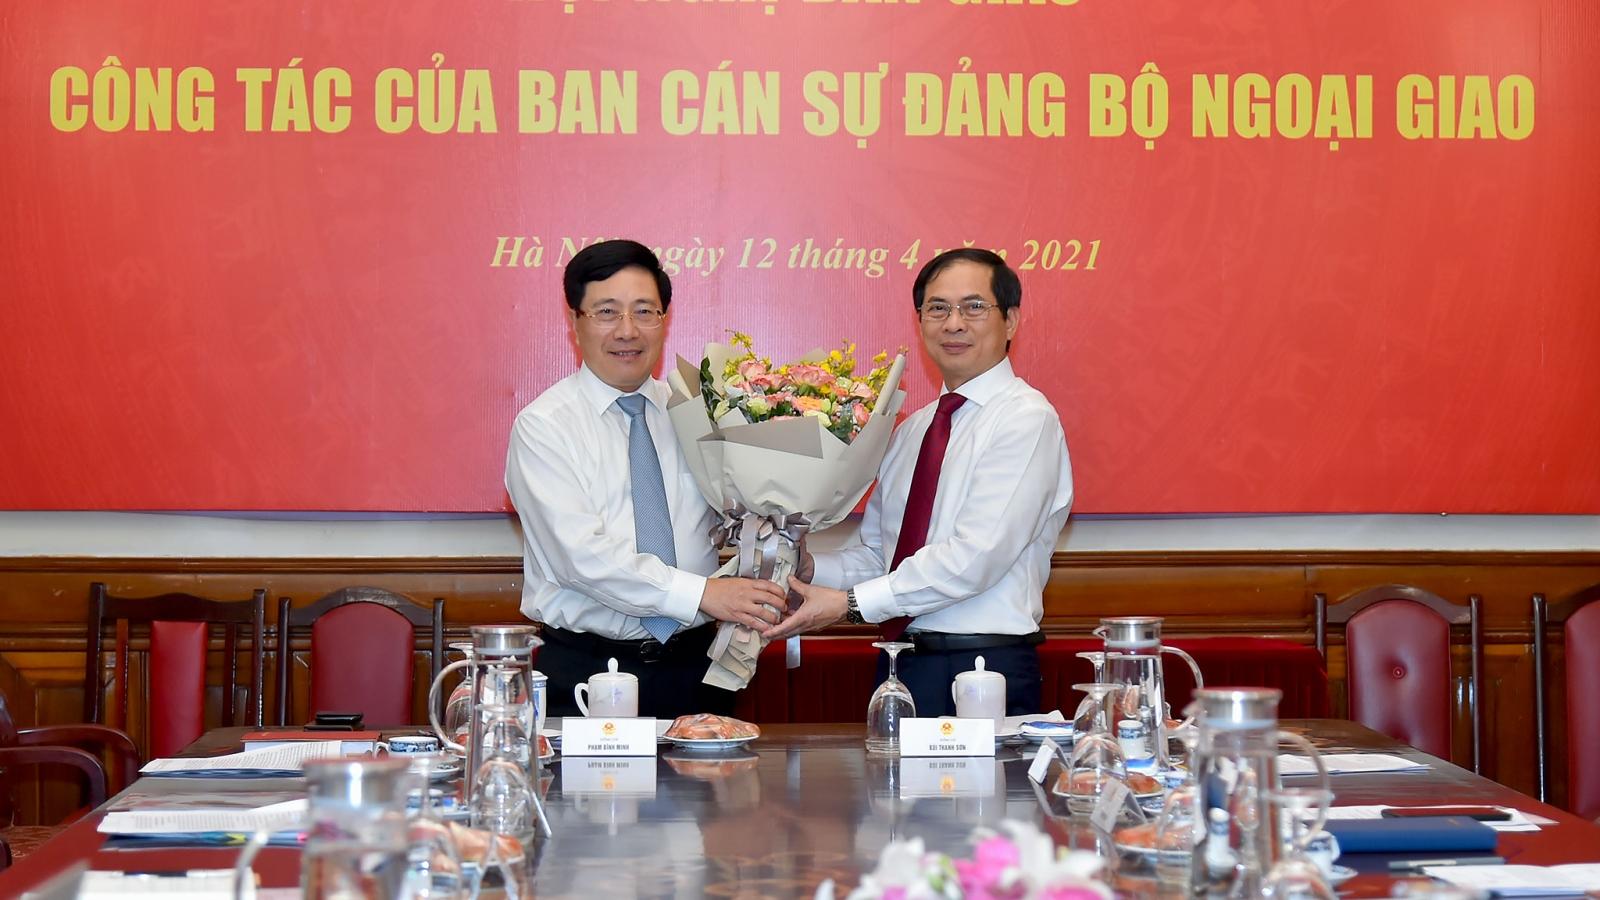 Ông Phạm Bình Minh bàn giao nhiệm vụ cho tân Bộ trưởng Ngoại giao Bùi Thanh Sơn